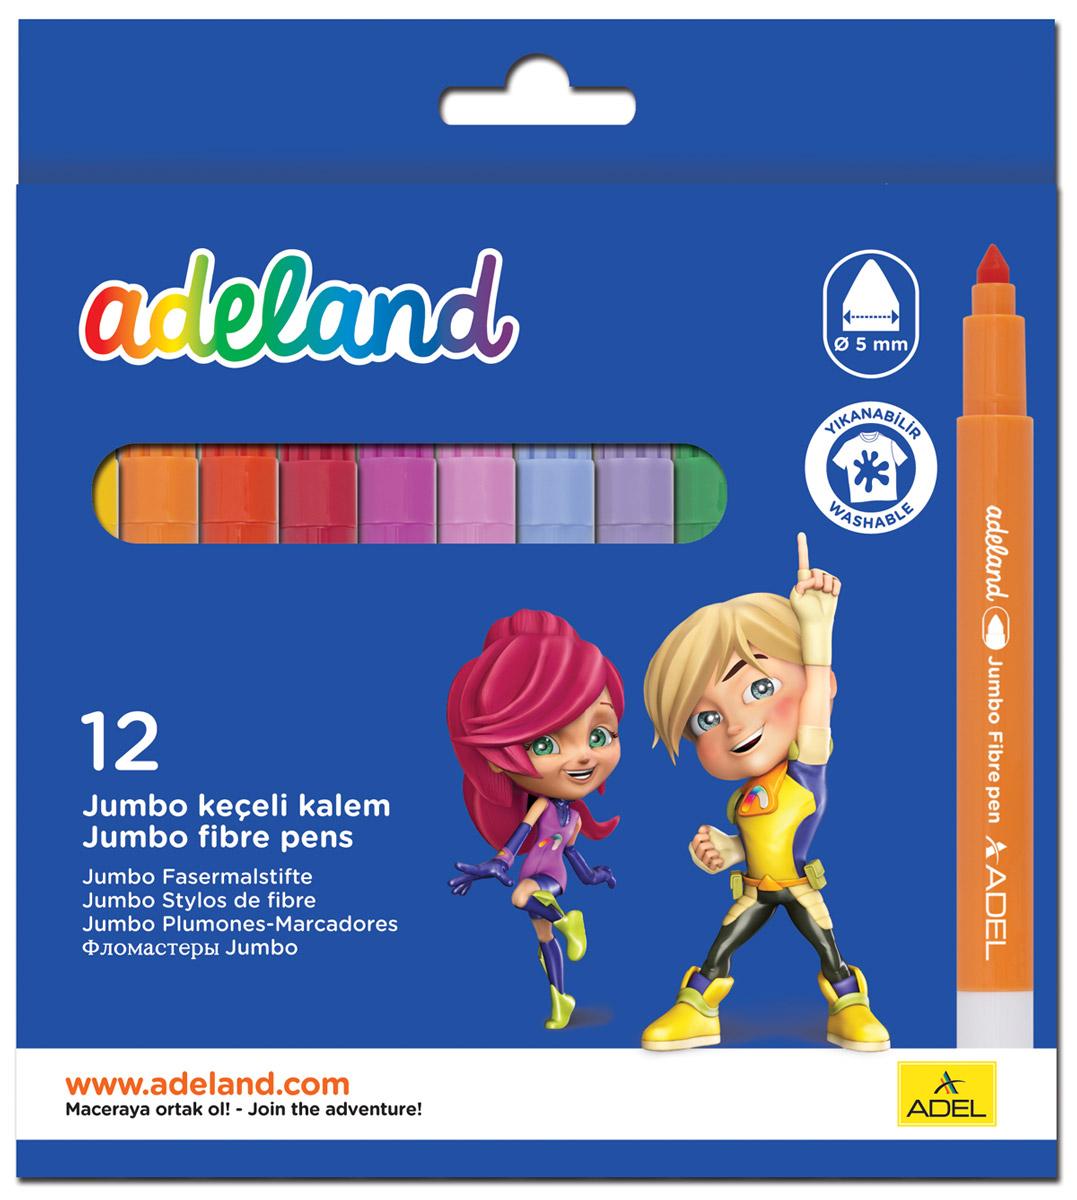 Adel Набор цветных фломастеров Adeland Jumbo 12 шт434-0214-100Цветные фломастеры Adel Adeland созданы специально для детей, любящих рисовать. Каждый фломастер оснащен вентилируемым колпачком и заправлен быстро сохнущими чернилами, которые легко смываются со многих текстильных материалов. Они прекрасно подходят для рисования, письма или раскрашивания на бумаге или картоне. Набор состоит из 12 фломастеров. Коробка оформлена изображением героев Adelia и Hiro из турецкого мультфильма Renk Koruyuculari. Не рекомендуется детям до 3-х лет.